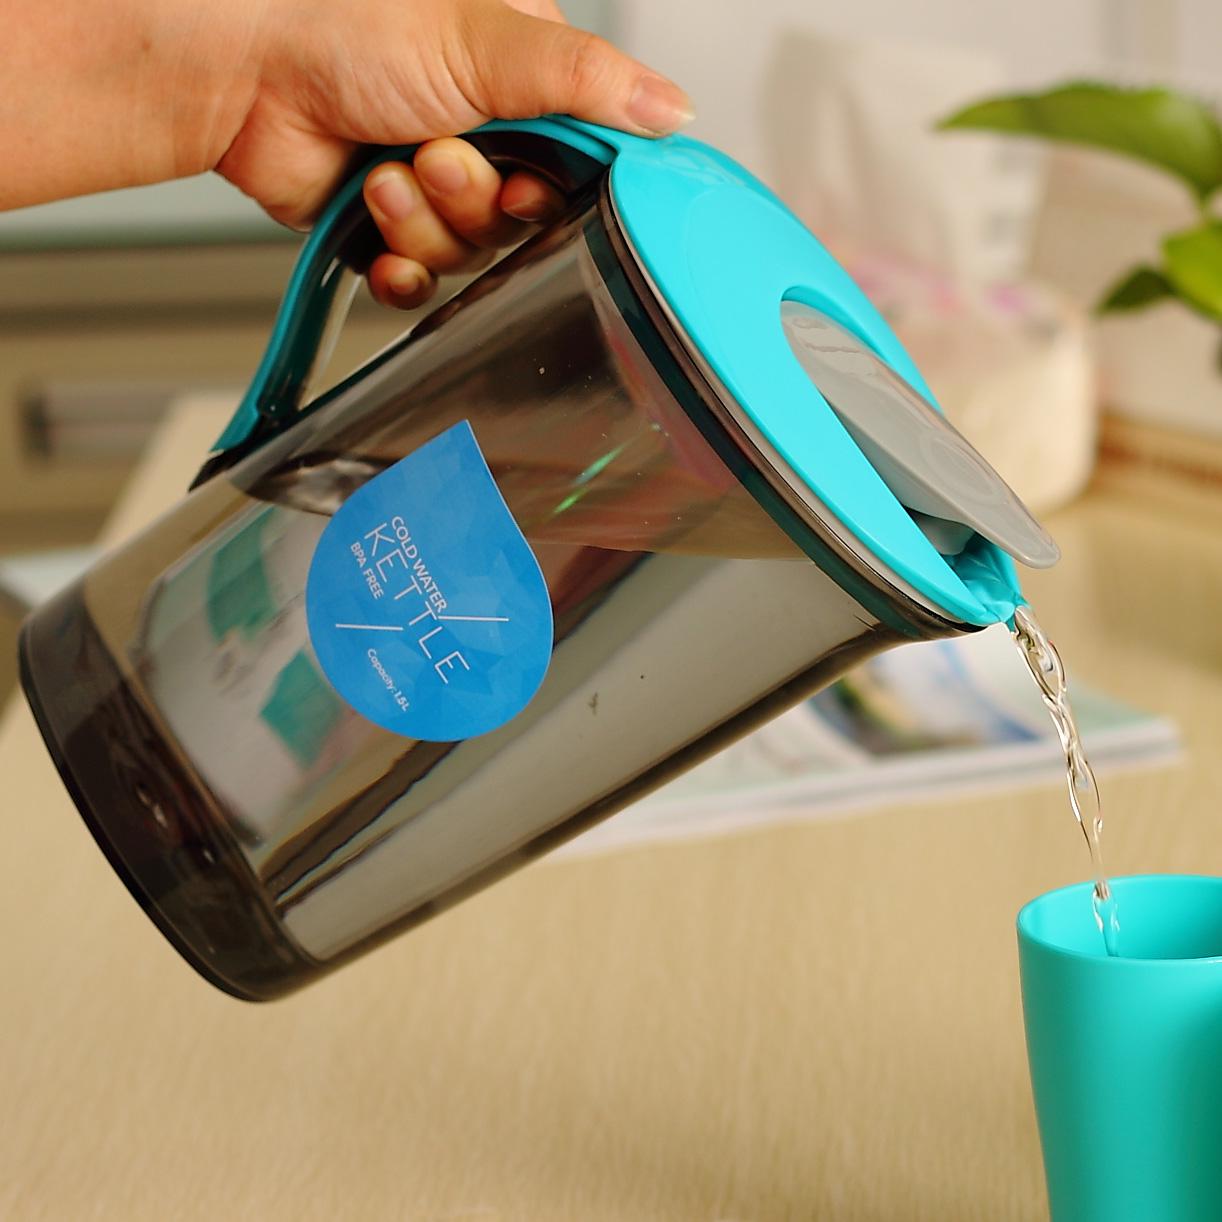 貝合塑料涼水壺冷水壺套裝大容量豆漿果汁花茶壺帶蓋水杯水具套裝